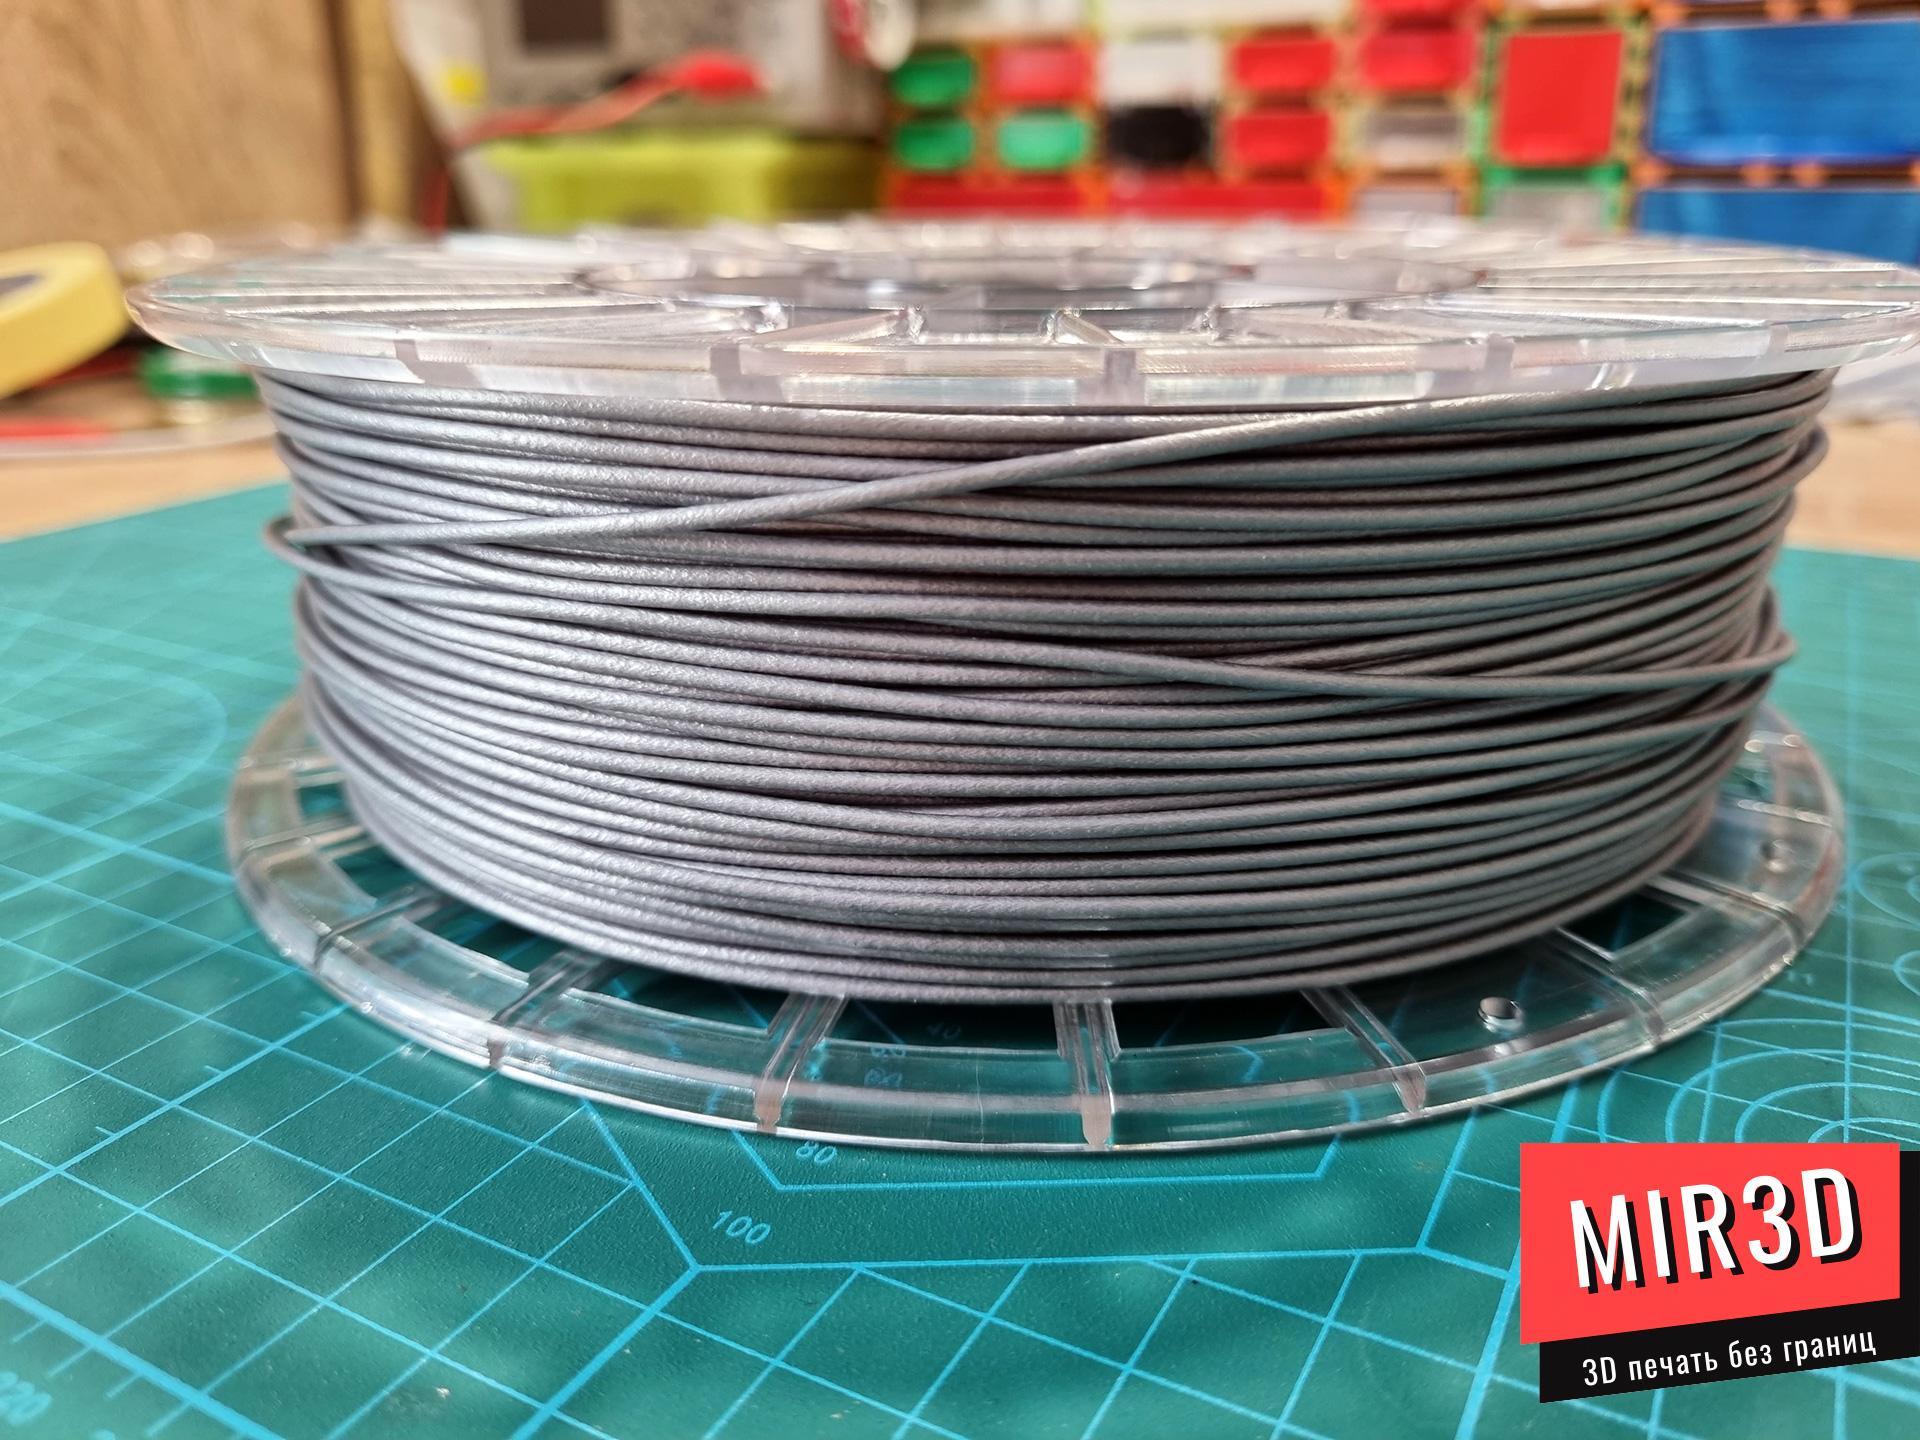 Как Filamentarno! упаковывает пластик для 3D печати